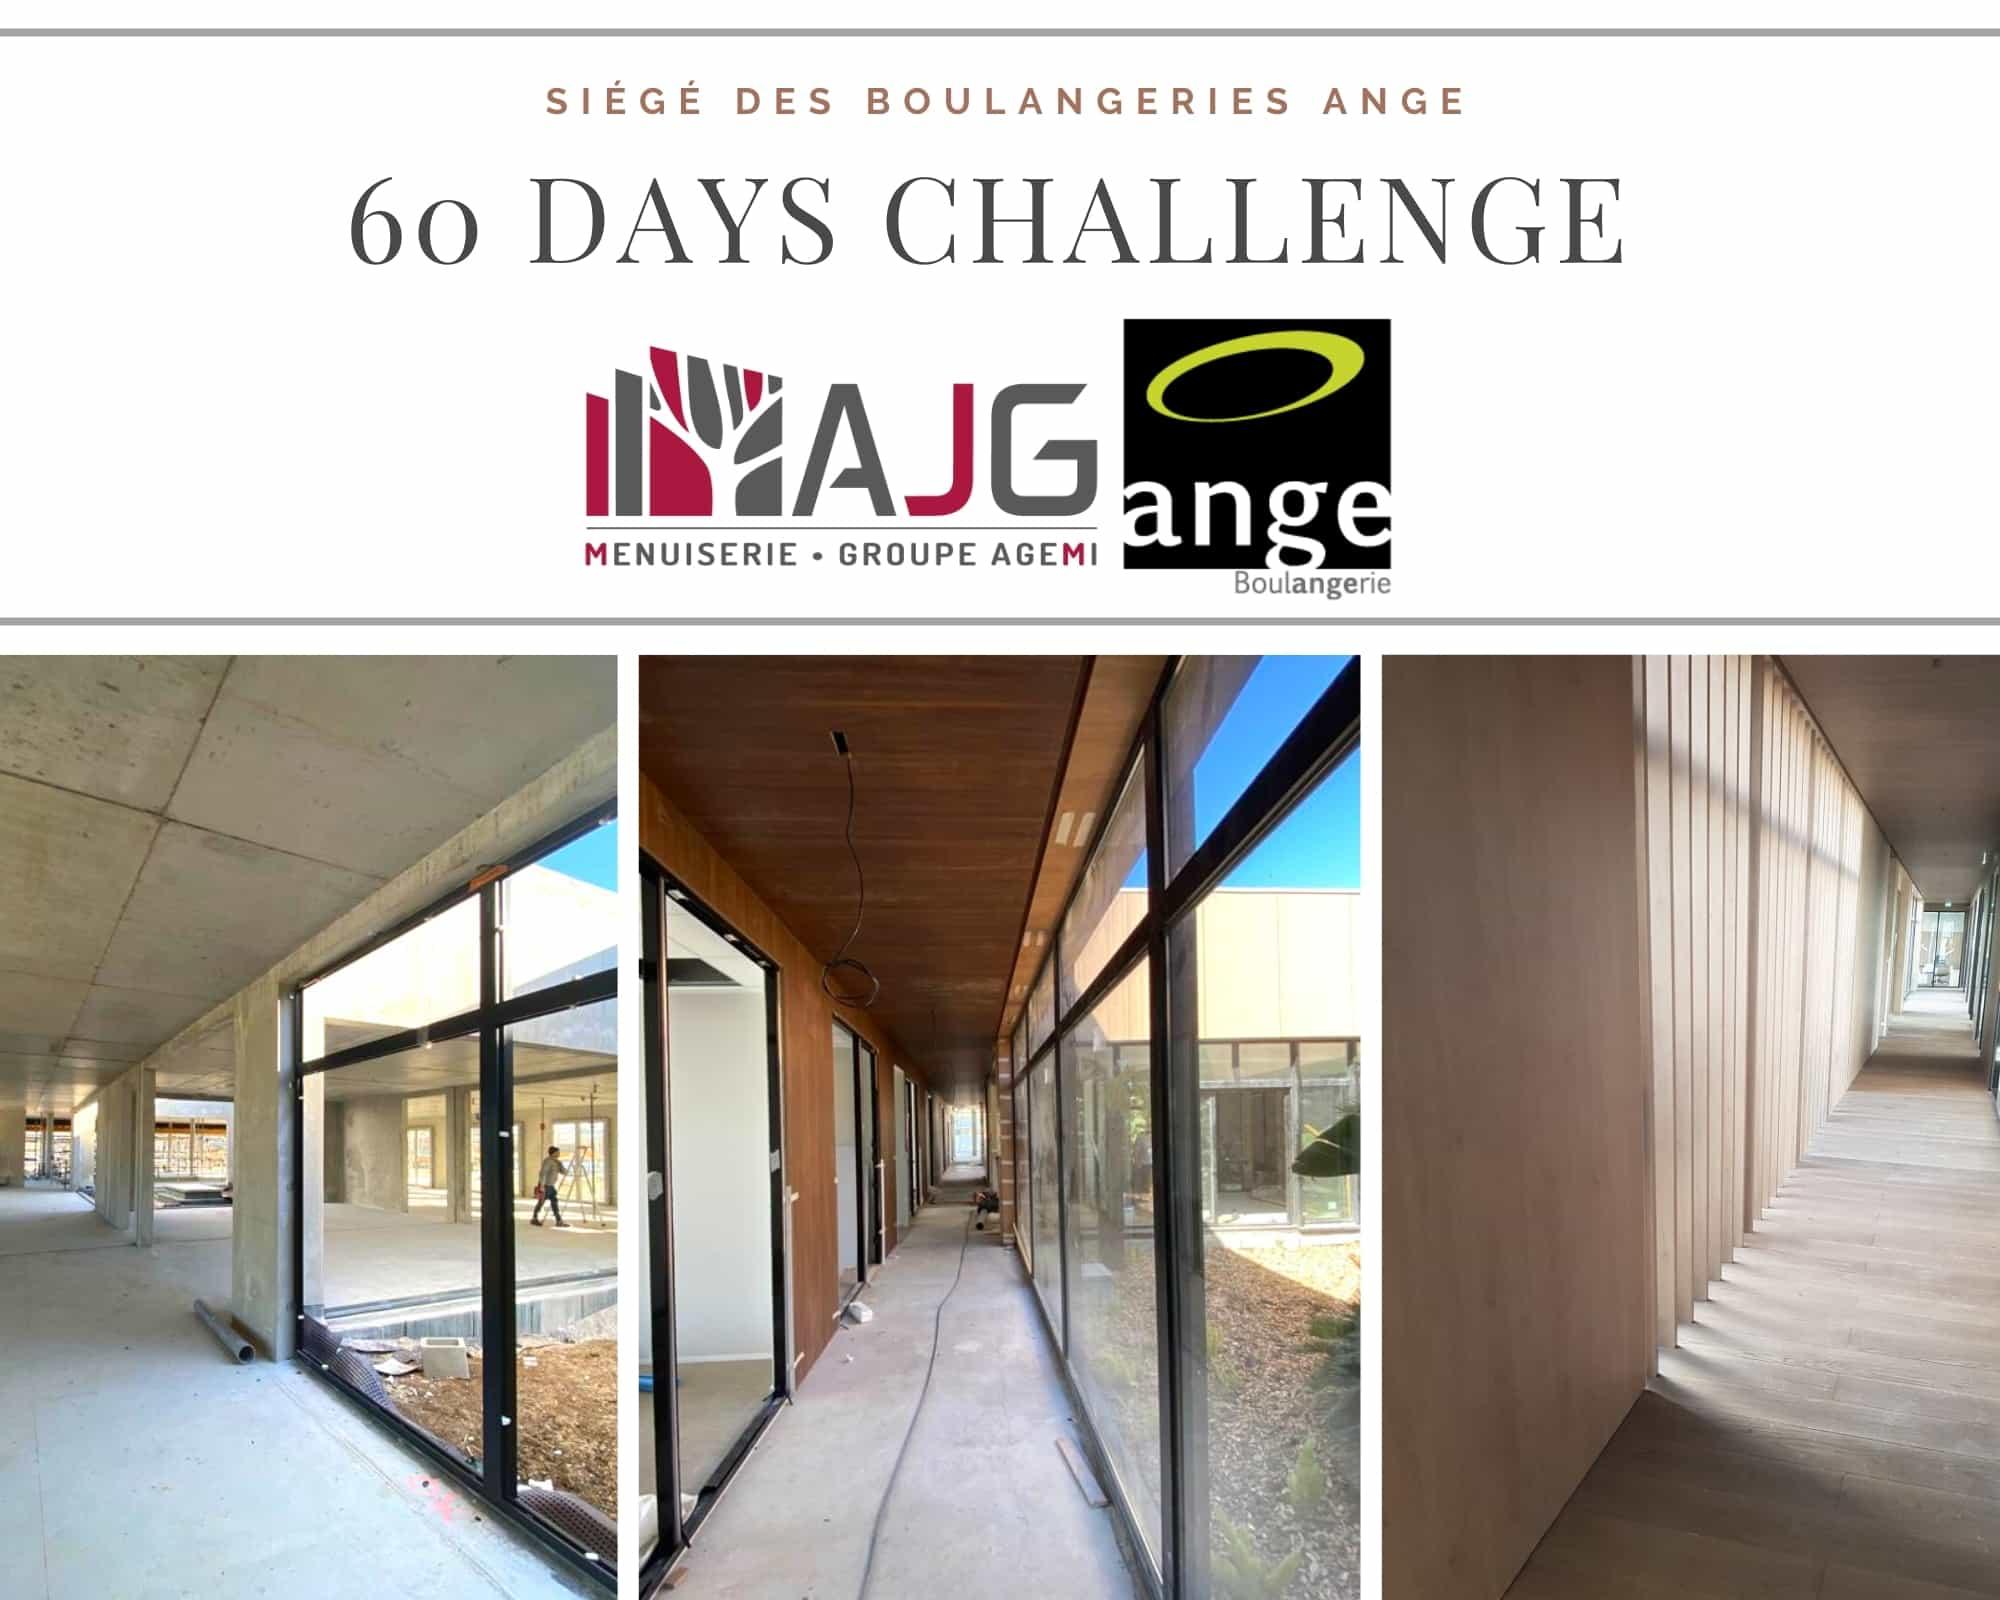 60 DAYS CHALLENGE ANGE AJG menuiserie